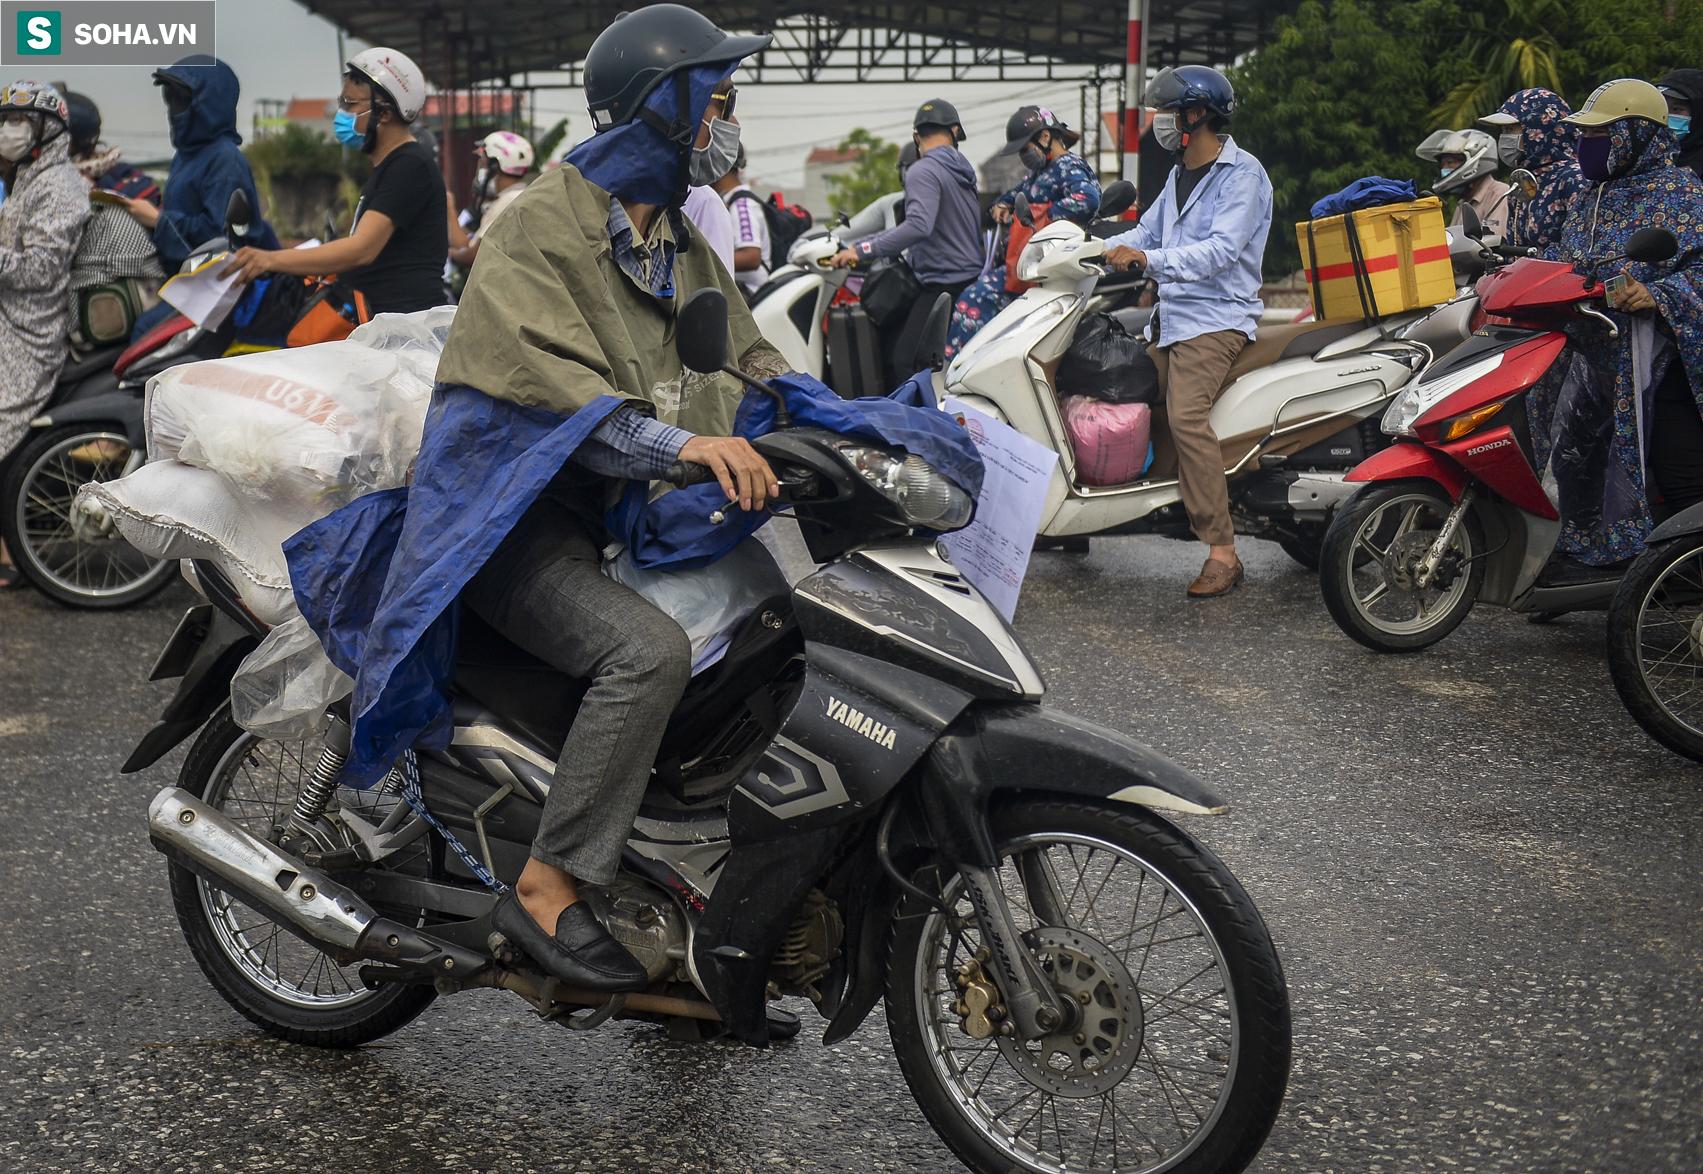 Đi xe máy hơn 1.500km ra Hà Nội, 2 bố con ăn ngủ tại chốt Cầu Giẽ chờ người đưa đi cách ly - Ảnh 6.